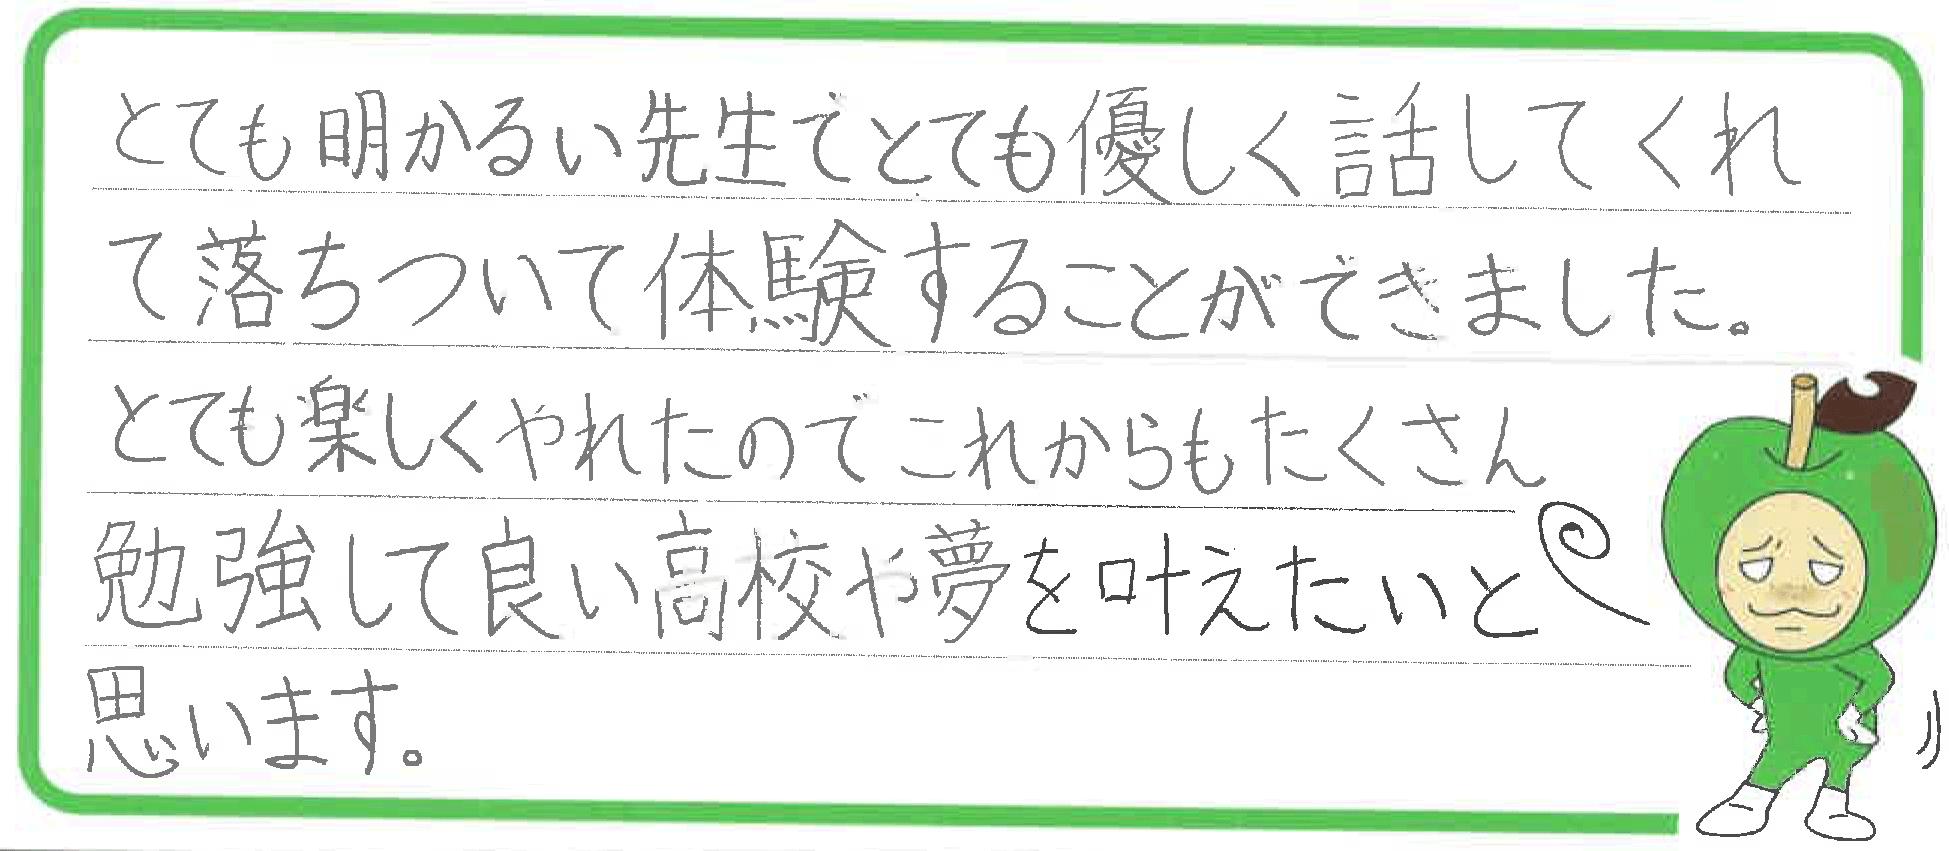 かなちゃん(松阪市)からの口コミ